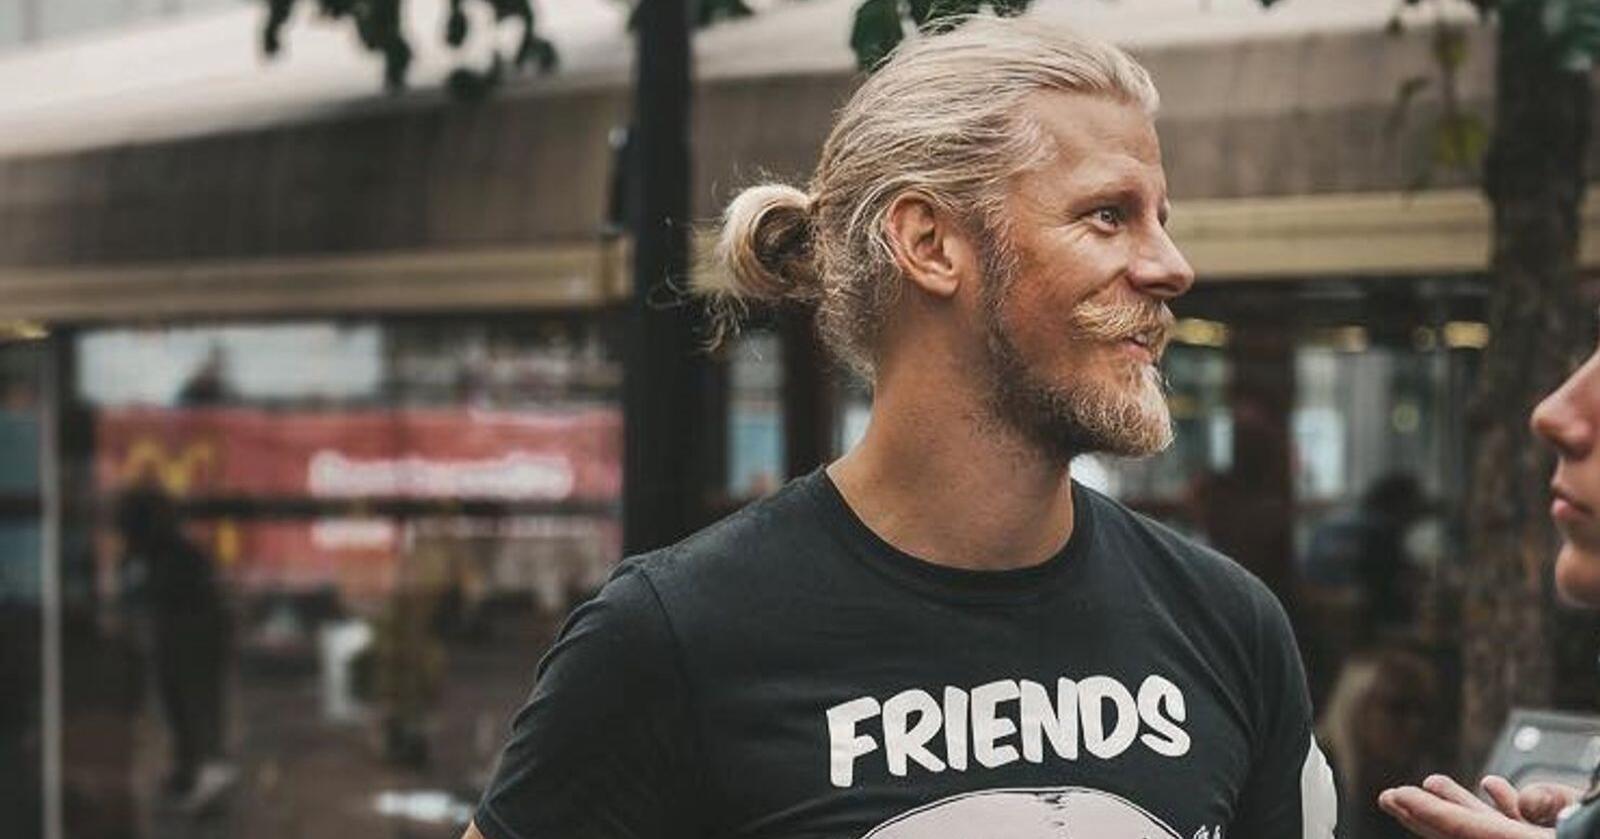 Samuel Rostøl håper at dei kan rette fokuset tilbake til etikken og dyra ved å bli eit formelt livssynssamfunn. Foto: Rebecca Larsson